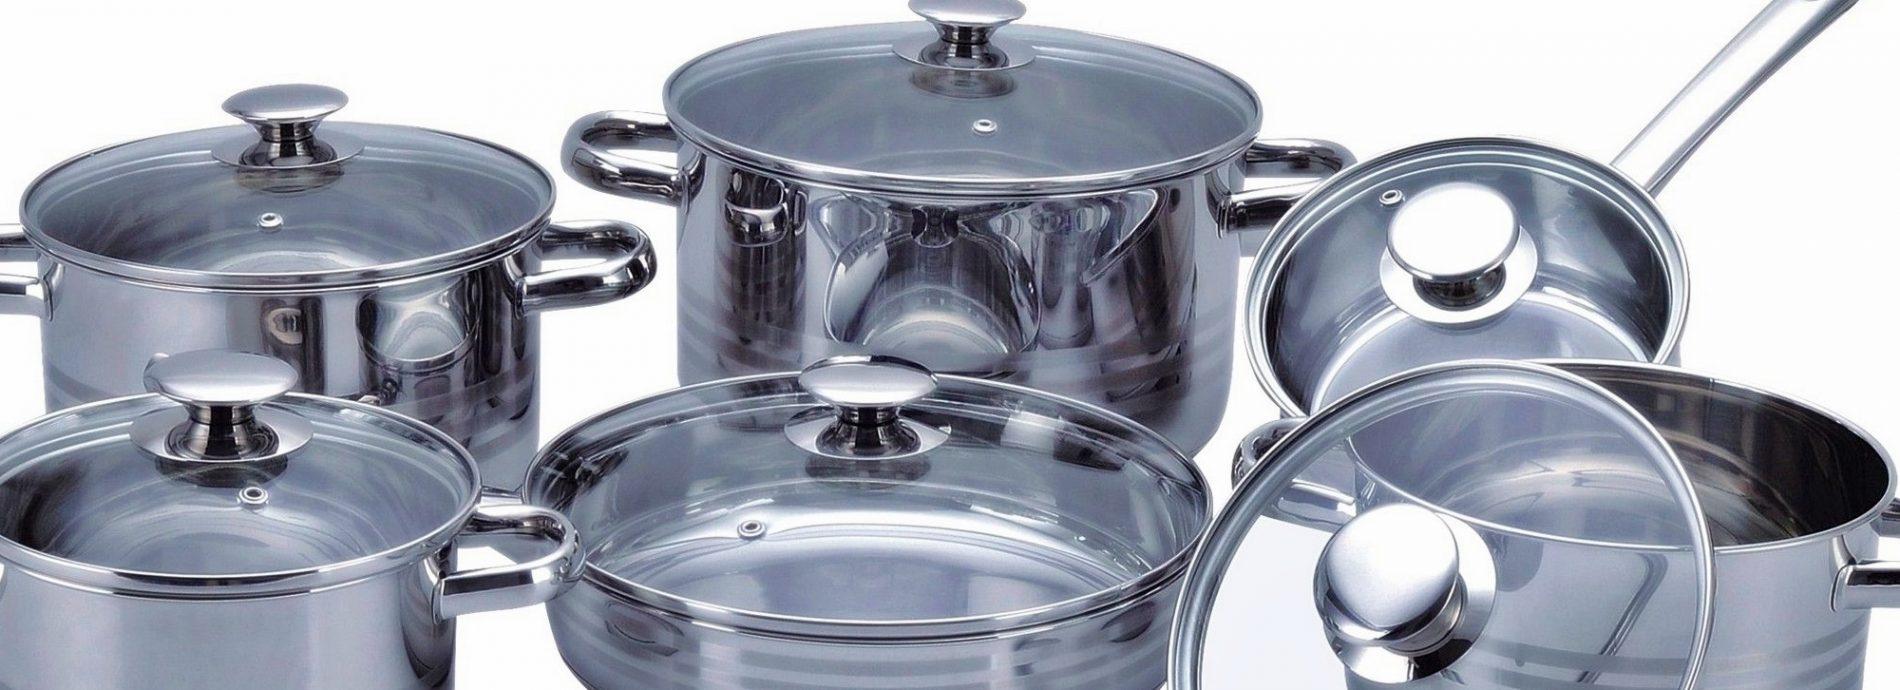 посуда из хрома